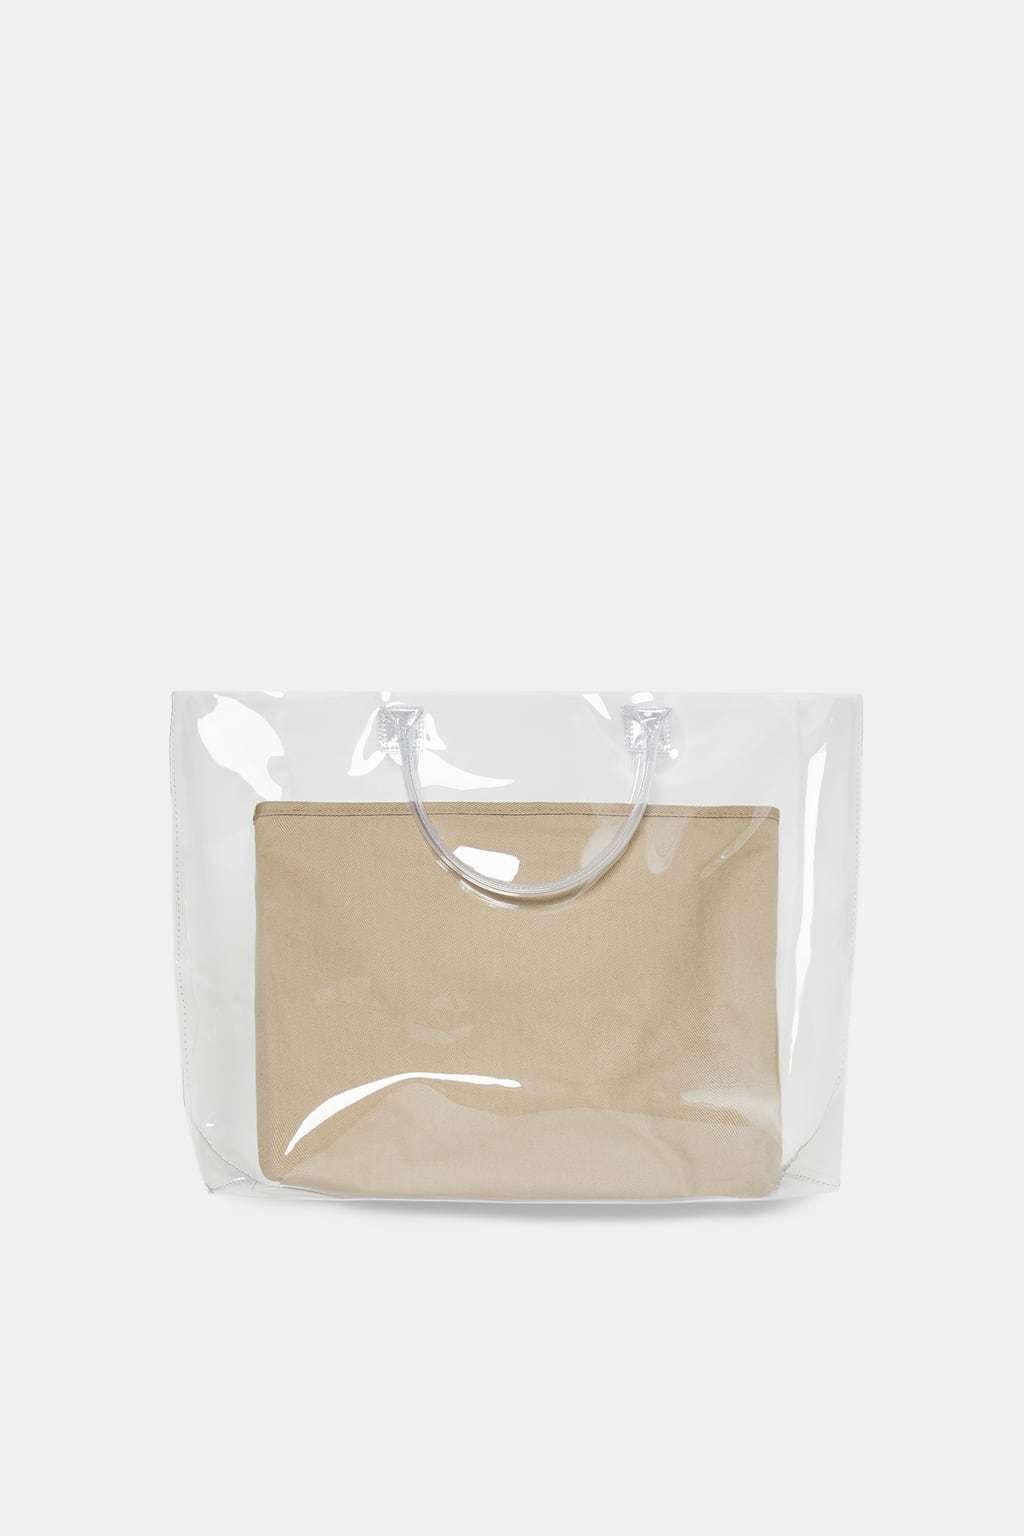 Bolso transparente, de Zara 25,95 euros.